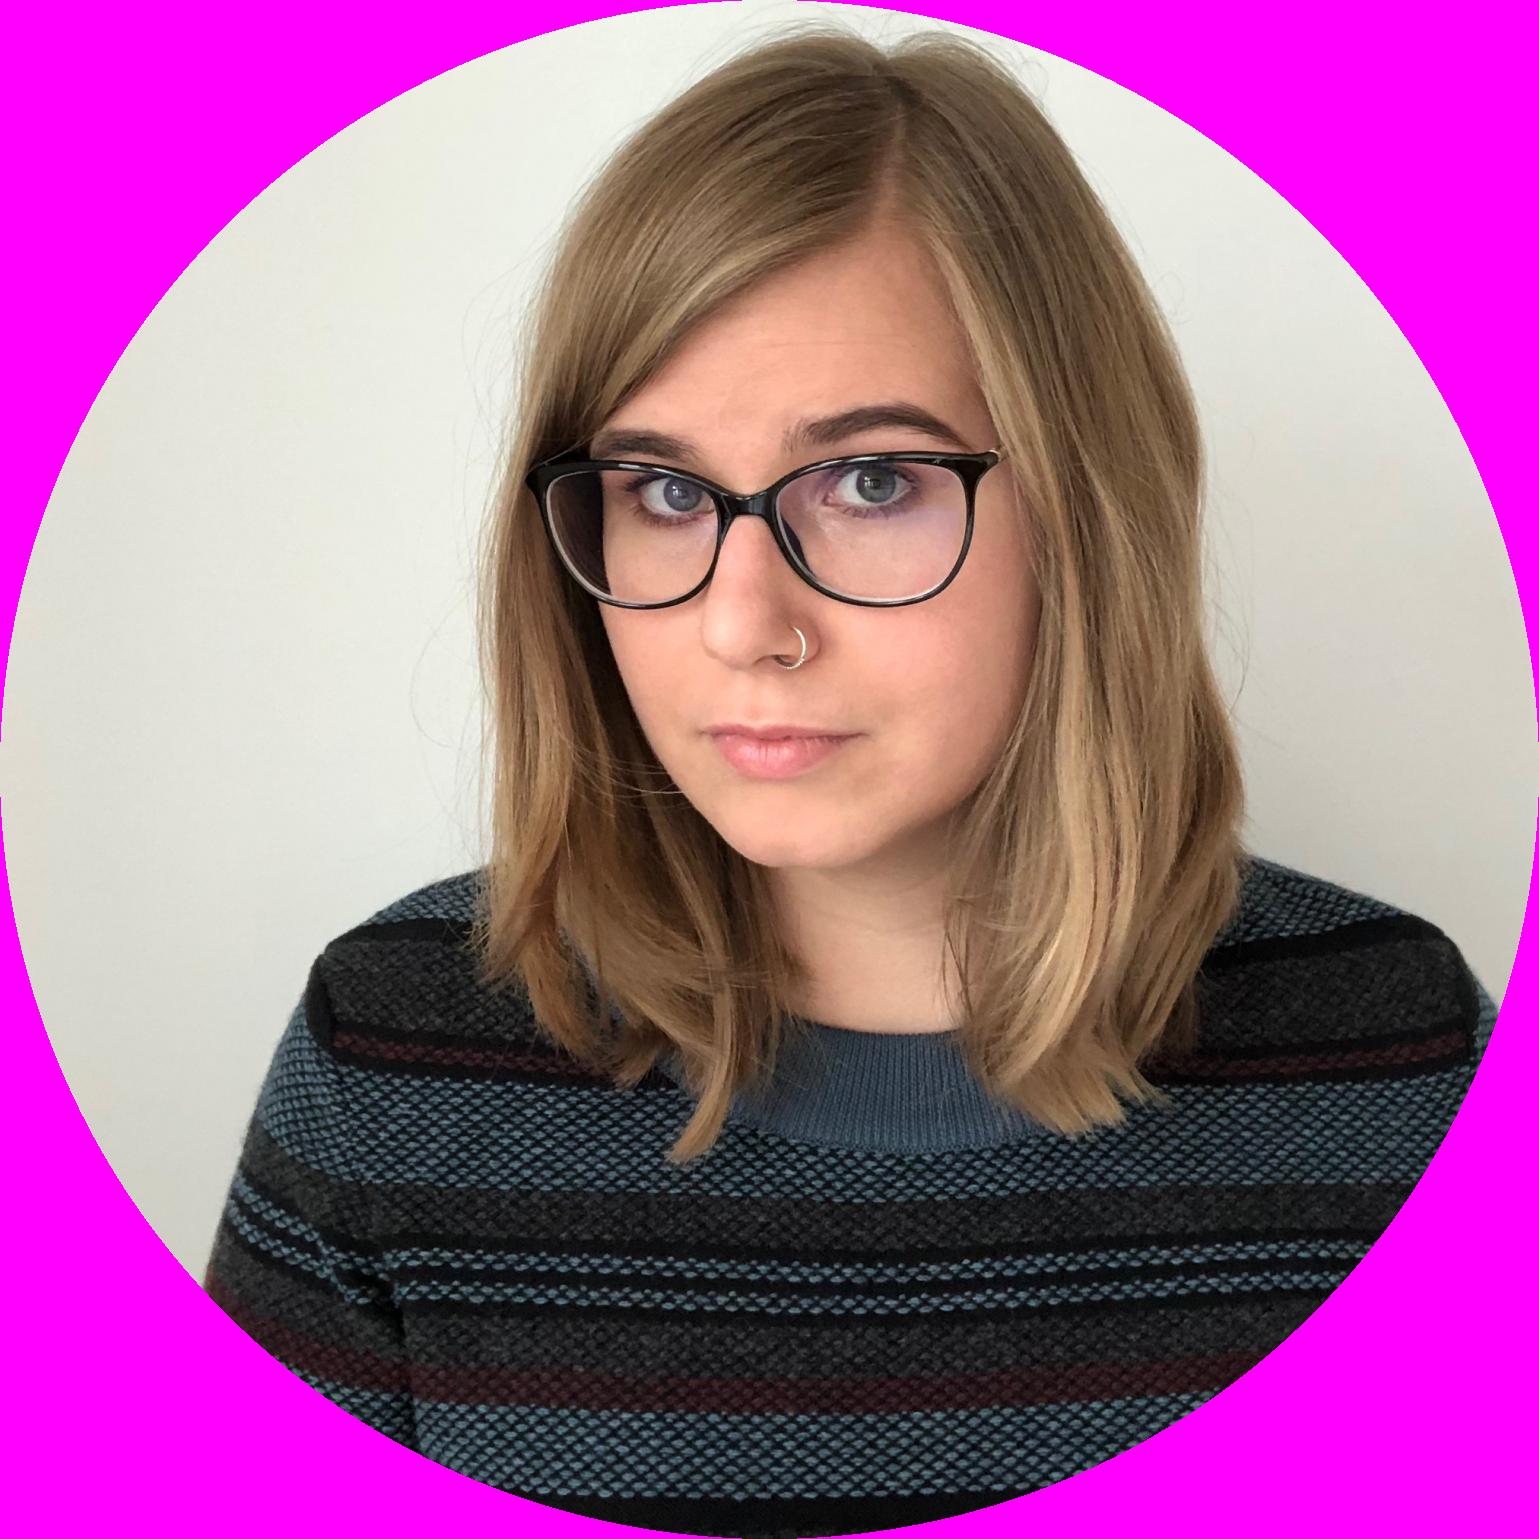 Portraitfoto von mir. Ich trage eine schwarze Brille, einen Nasenring, einen dunklen, gestreiften Pullover und offene, mittellange, blonde Haare.